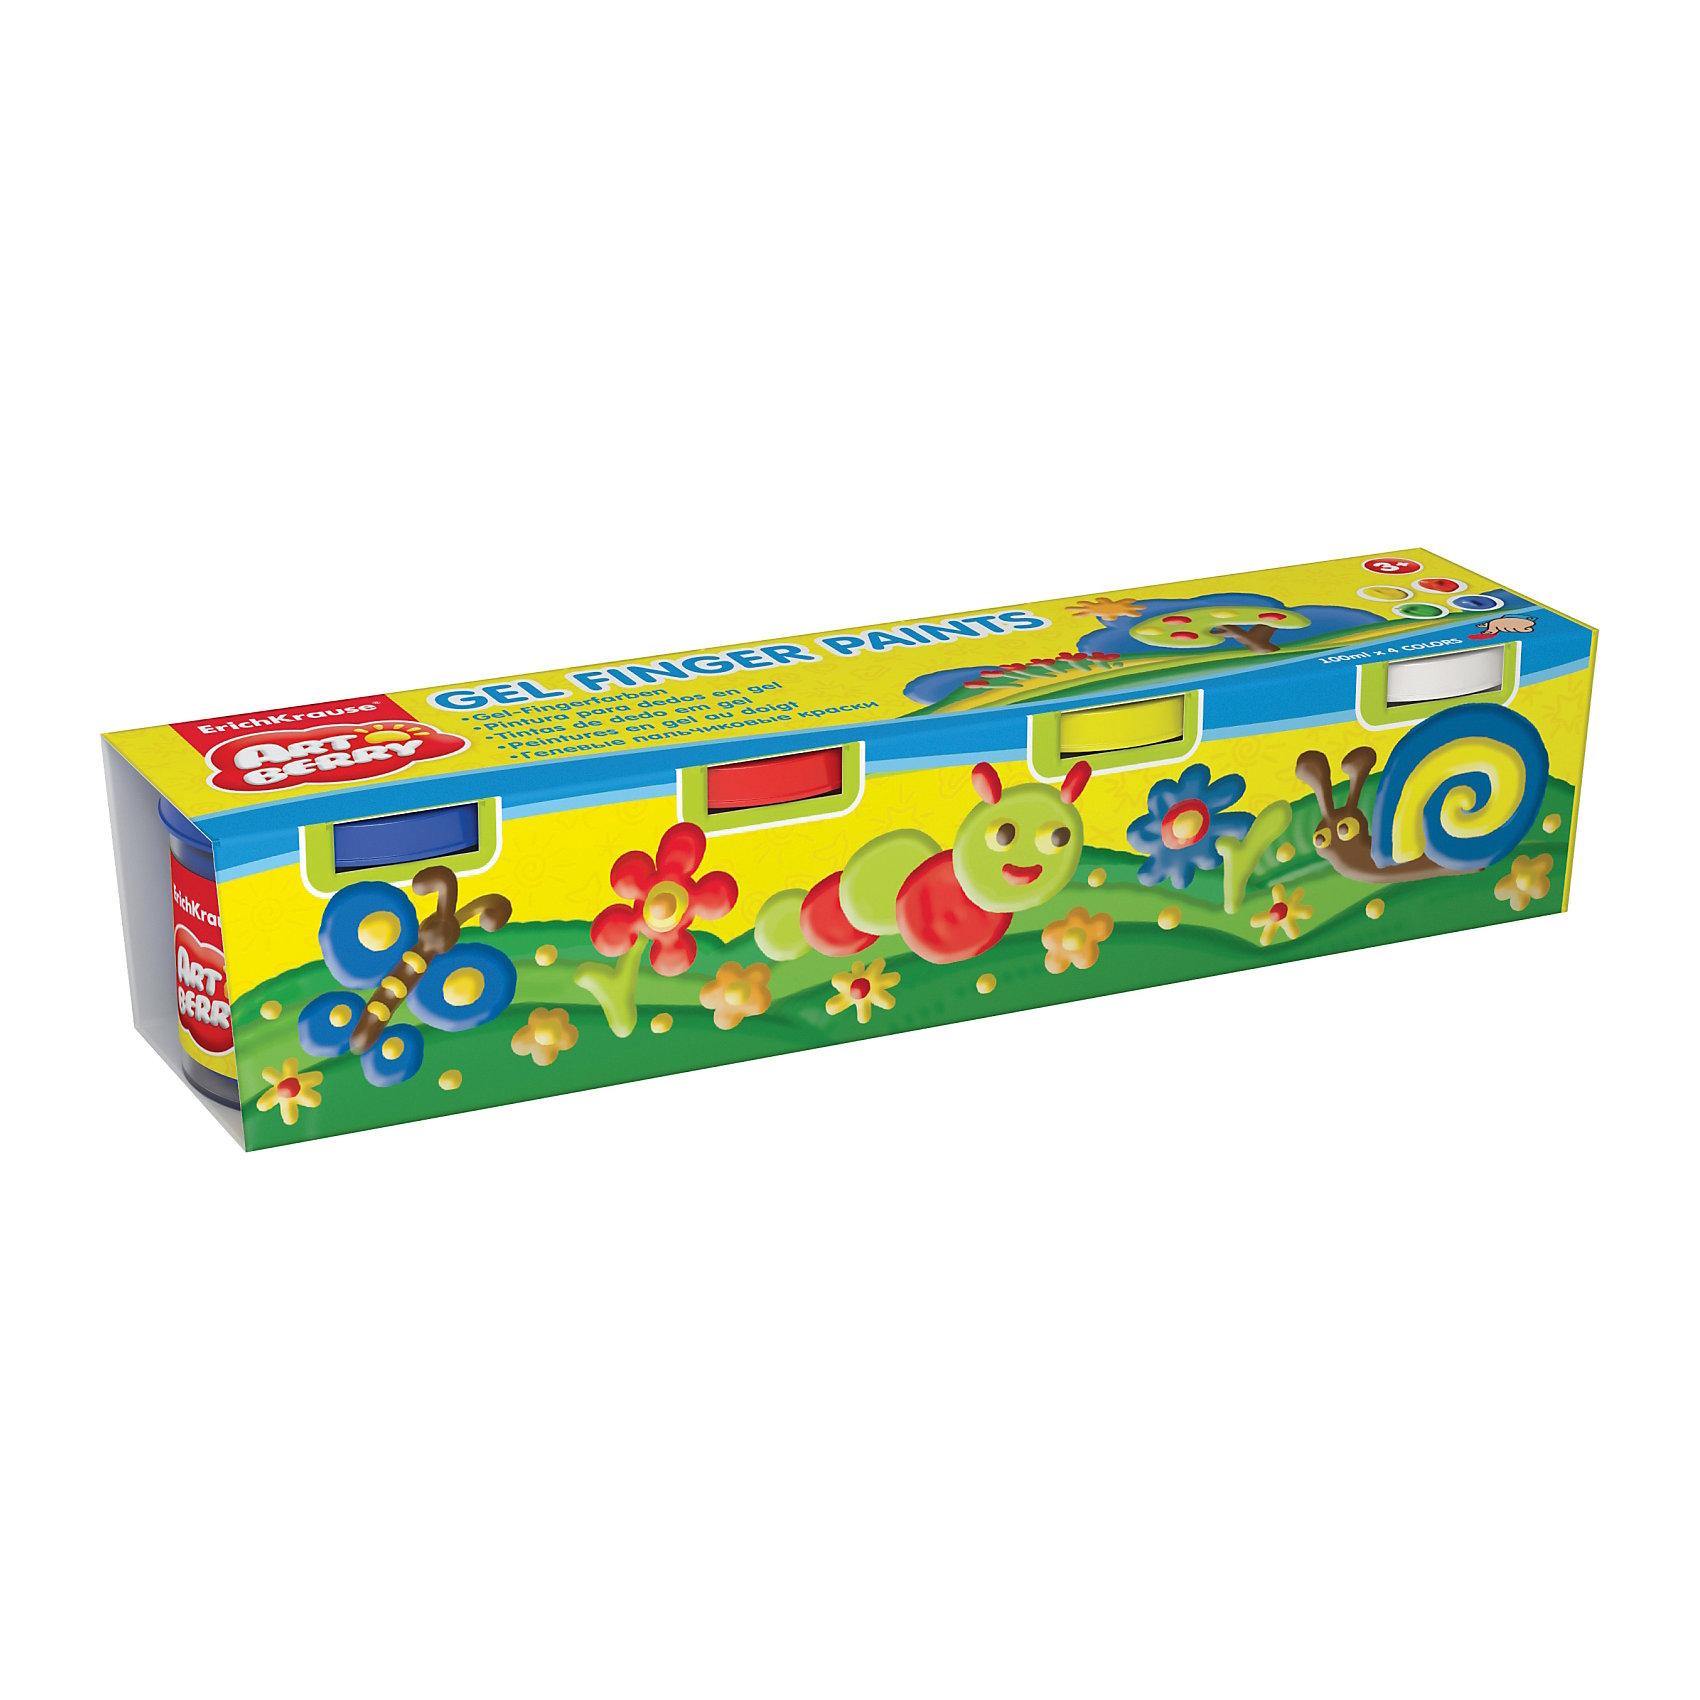 Пальчиковые краски ArtBerry, 4 цвета по 100млПальчиковые краски<br>Характеристики товара:<br><br>• материал упаковки: картон <br>• в комплект входит: краски<br>• количество цветов: 4<br>• треугольная форма<br>• объём каждой баночки: 100 мл<br>• возраст: от 3 лет<br>• вес: 618 г<br>• габариты упаковки: 26х5,5х5,7 см<br>• страна производитель: Китай<br><br>Пальчиковые краски – альтернативный вариант классическому рисованию кистью по бумаге. Рисование пальчиками подходит с самых малых лет. Краски не токсичны, не вызывают аллергии, легко отмываются от любых поверхностей.<br><br>Пальчиковые краски ArtBerry, 4 цвета по 100 мл можно купить в нашем интернет-магазине.<br><br>Ширина мм: 260<br>Глубина мм: 55<br>Высота мм: 57<br>Вес г: 618<br>Возраст от месяцев: 36<br>Возраст до месяцев: 2147483647<br>Пол: Унисекс<br>Возраст: Детский<br>SKU: 5409228